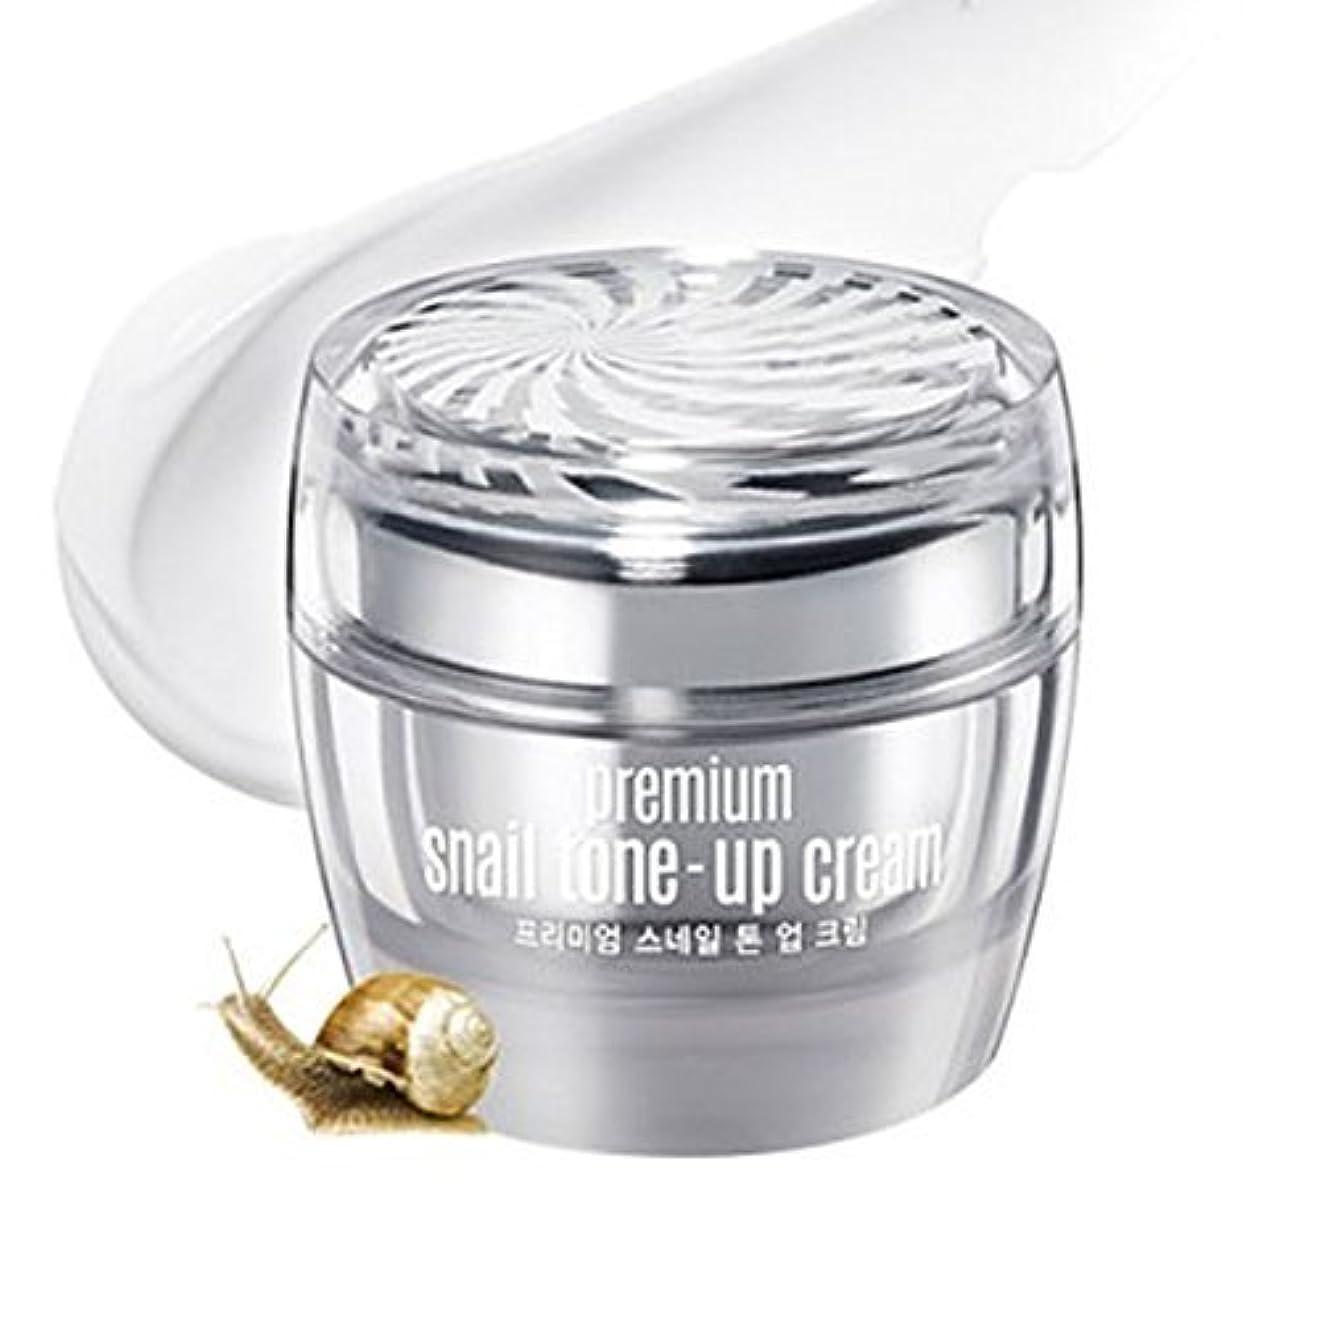 インシデント非常に怒っていますチューインガムグーダル プレミアム スネイル トーンアップ クリーム CLIO Goodal Premium Snail Tone Up Whitening Cream 50ml(1.69oz)/Korea Cosmetic [並行輸入品]